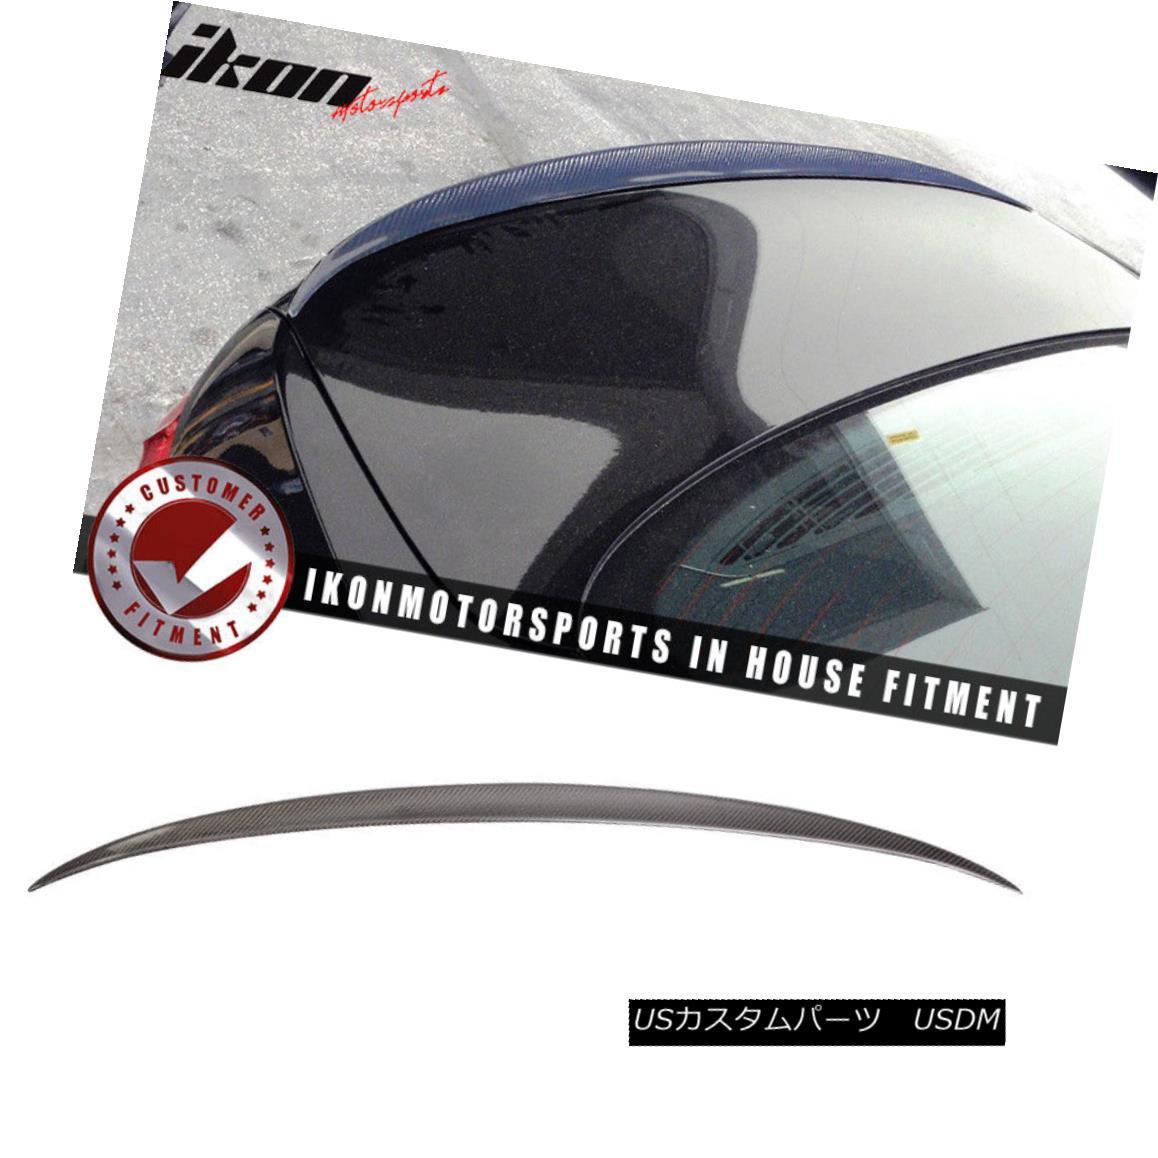 エアロパーツ Fits 11-16 BMW 5-Series F10 Sedan M5 Style Carbon Fiber (CF) Trunk Spoiler フィット11-16 BMW 5シリーズF10セダンM5スタイル炭素繊維(CF)トランク・スポイラー